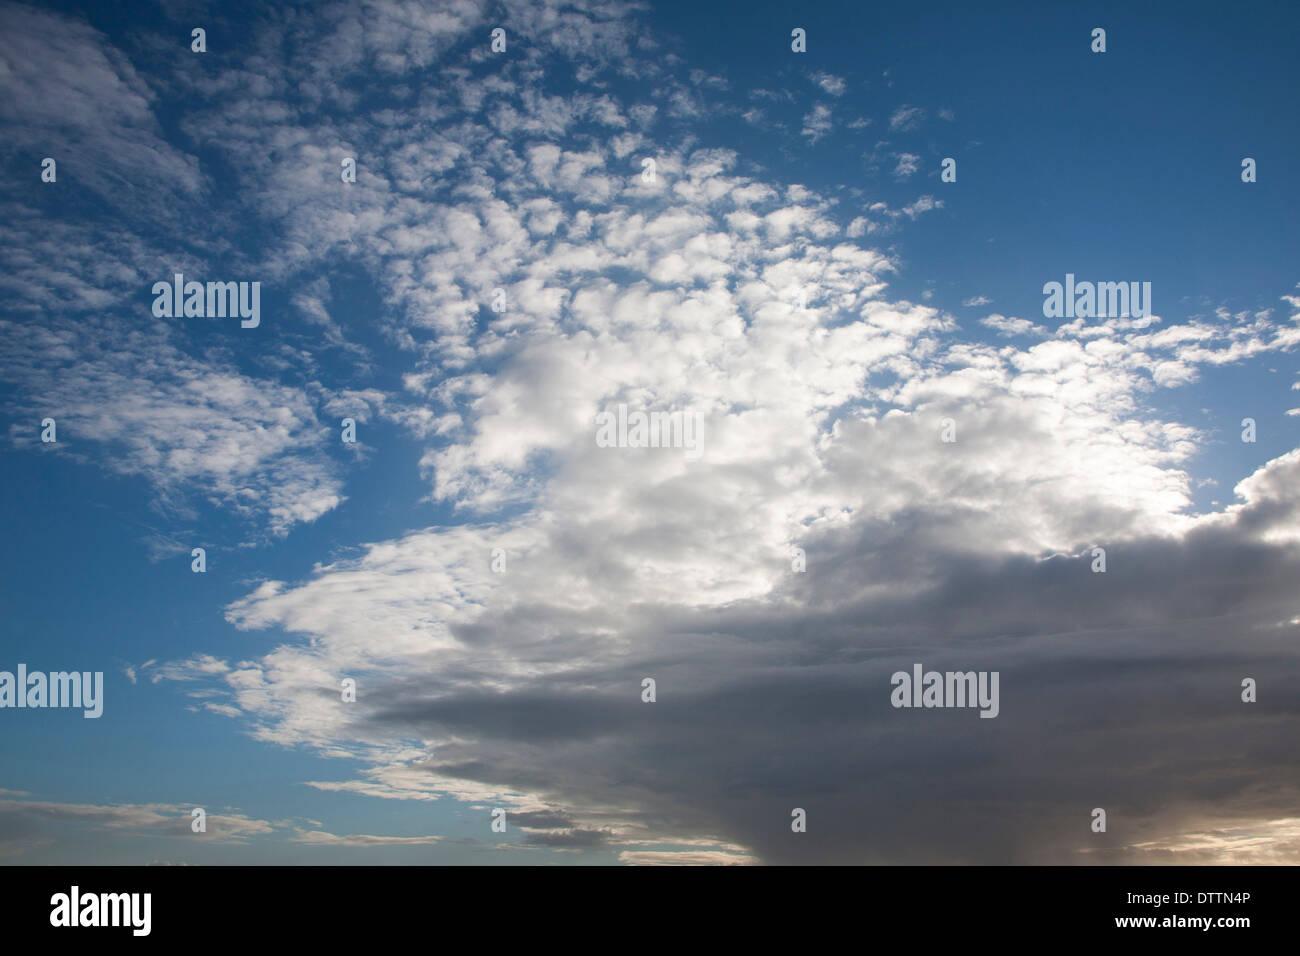 Frontale di nuvole che si muovono oltre il cielo bloccando il sole a Suffolk, Inghilterra Immagini Stock